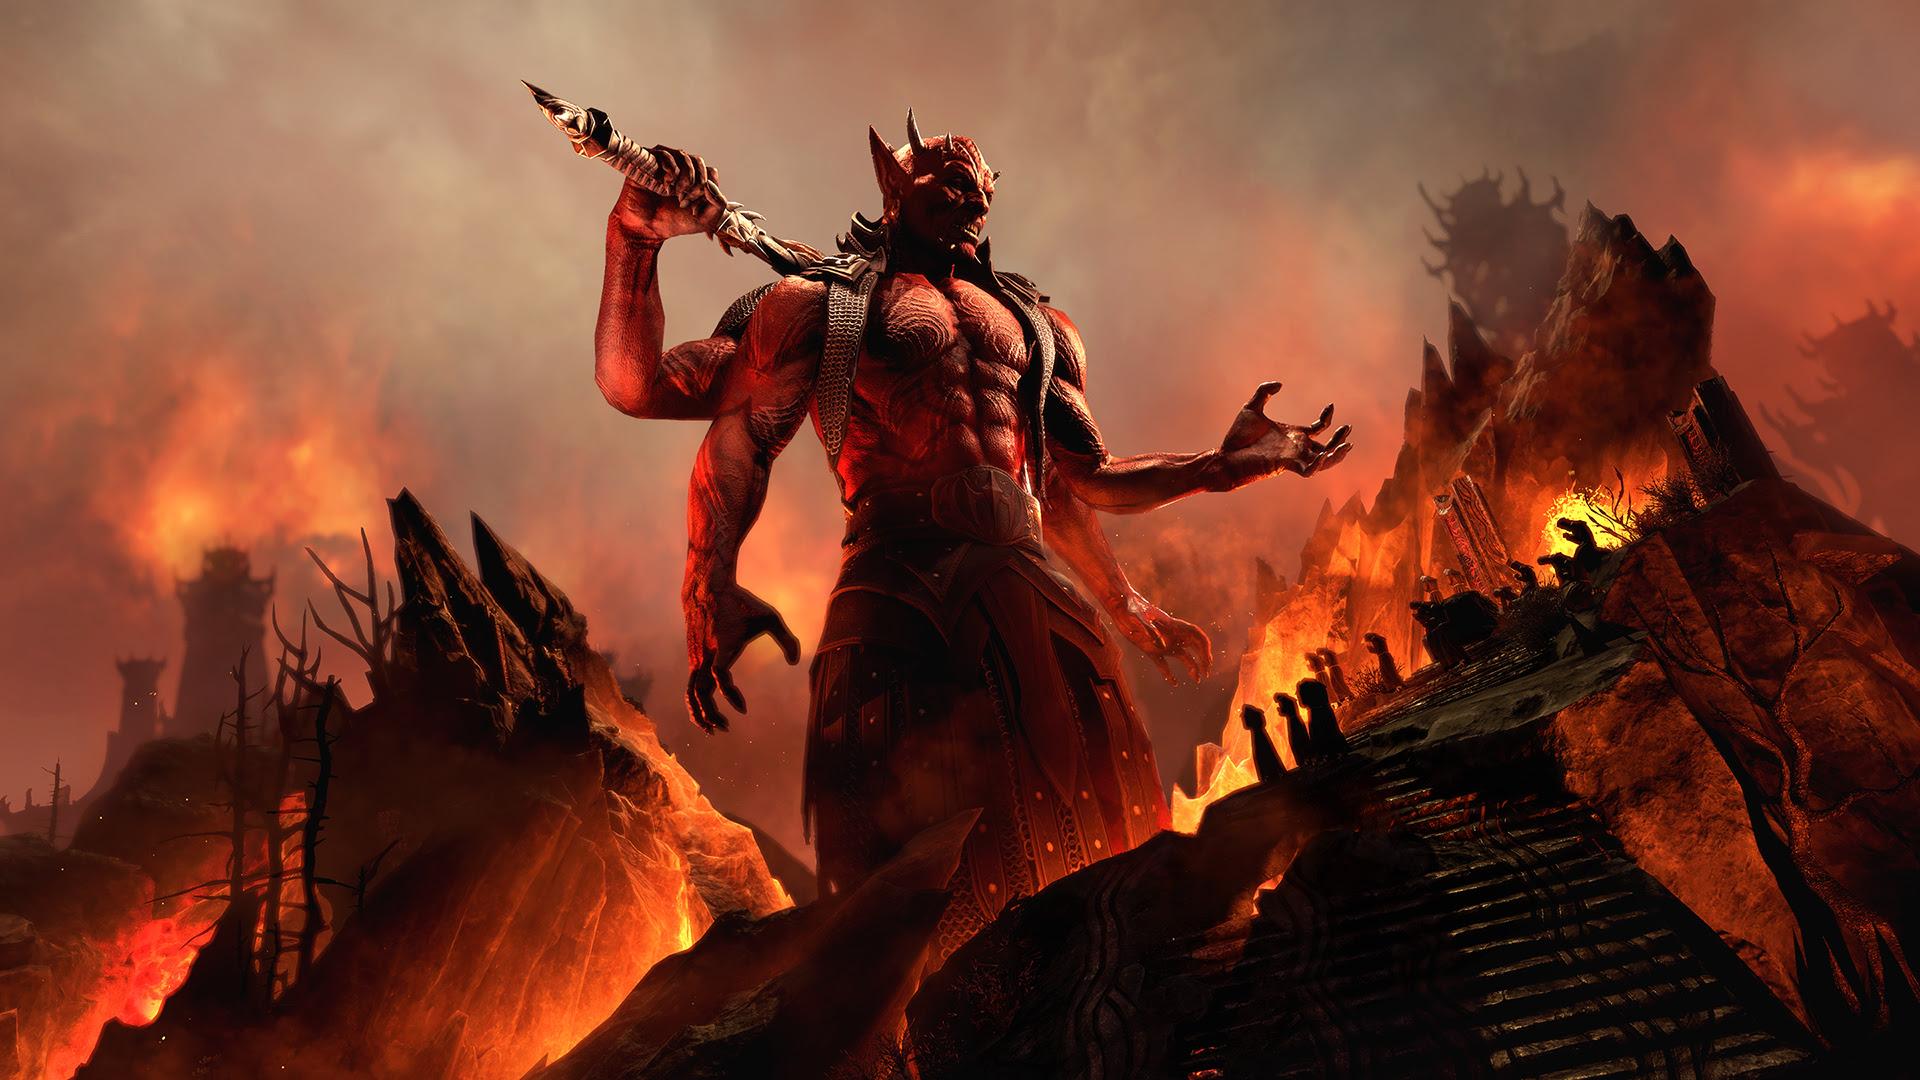 The Elder Scrolls Online Revela o capítulo 'Blackwood', que sai em junho, e a aventura anual 'Gates of Oblivion' 5